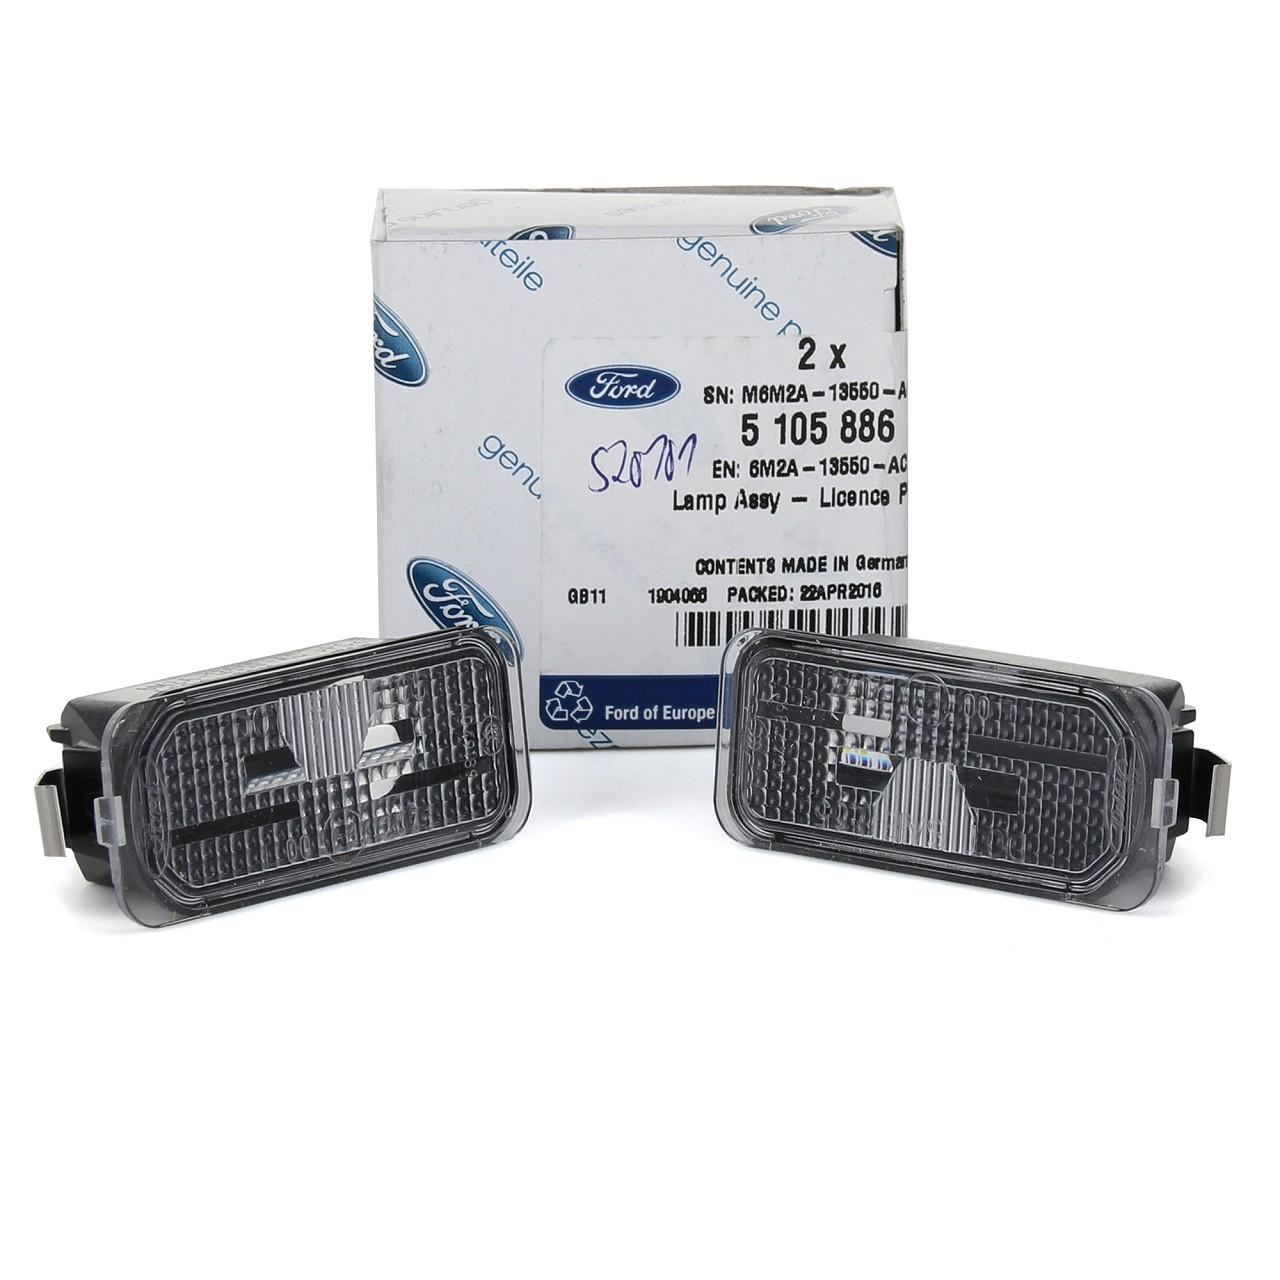 2x ORIGINAL Ford Kennzeichenleuchte FIESTA VI FOCUS II GALAXY KUGA S-MAX 5105886